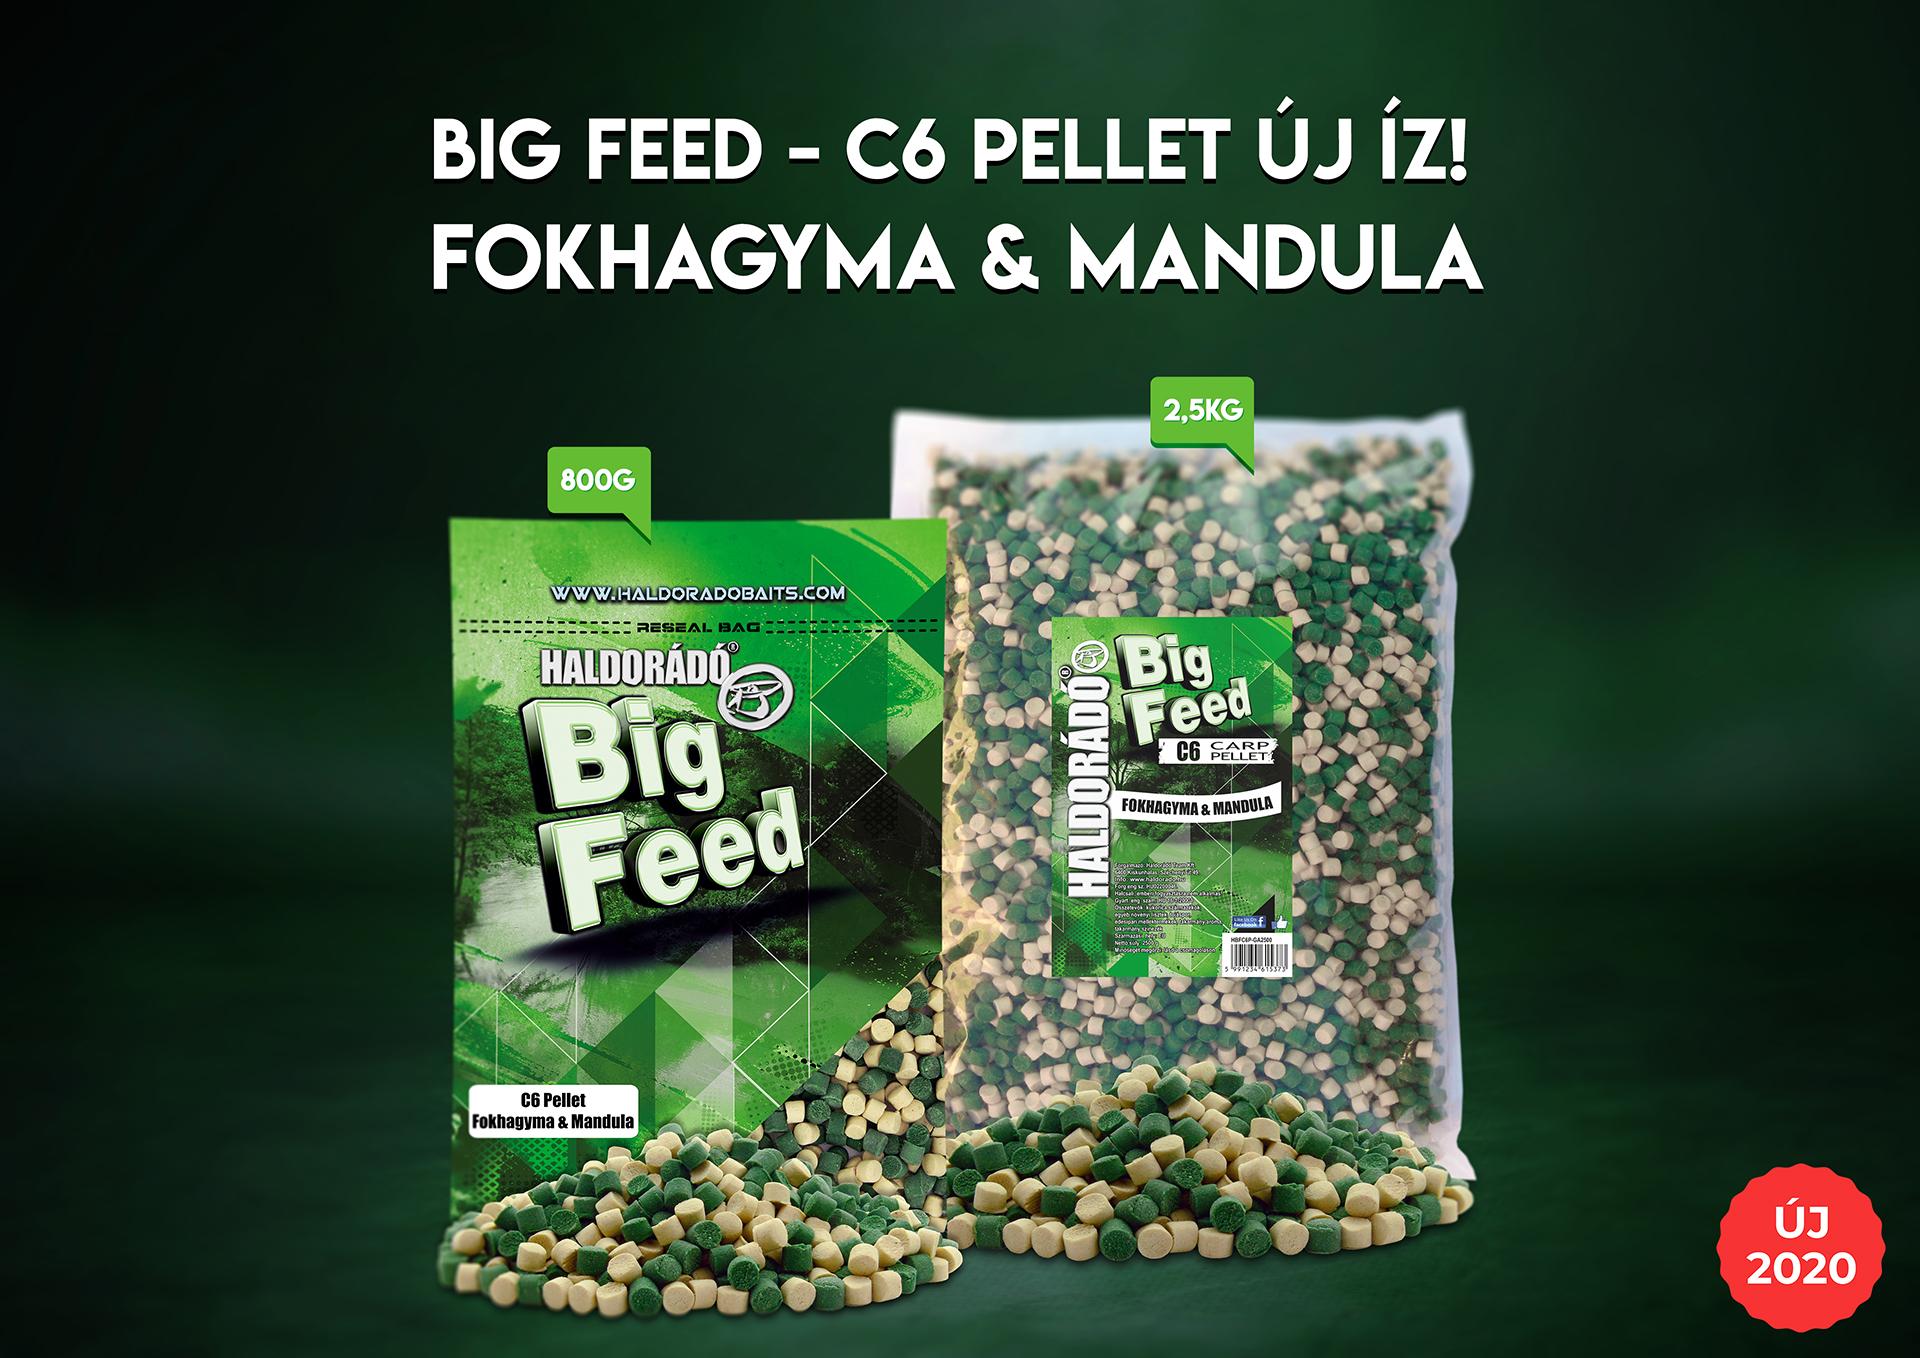 A Big Feed C6 Pellet család számos kiváló megoldást kínál akár alapozó etetés kialakítására, kiegészítésére, akár kosaras keverékek beltartalmának dúsítására. Ez szintén megtalálható palettánkon mostantól Fokhagyma & Mandula aromával és zöld-fehér színnel!